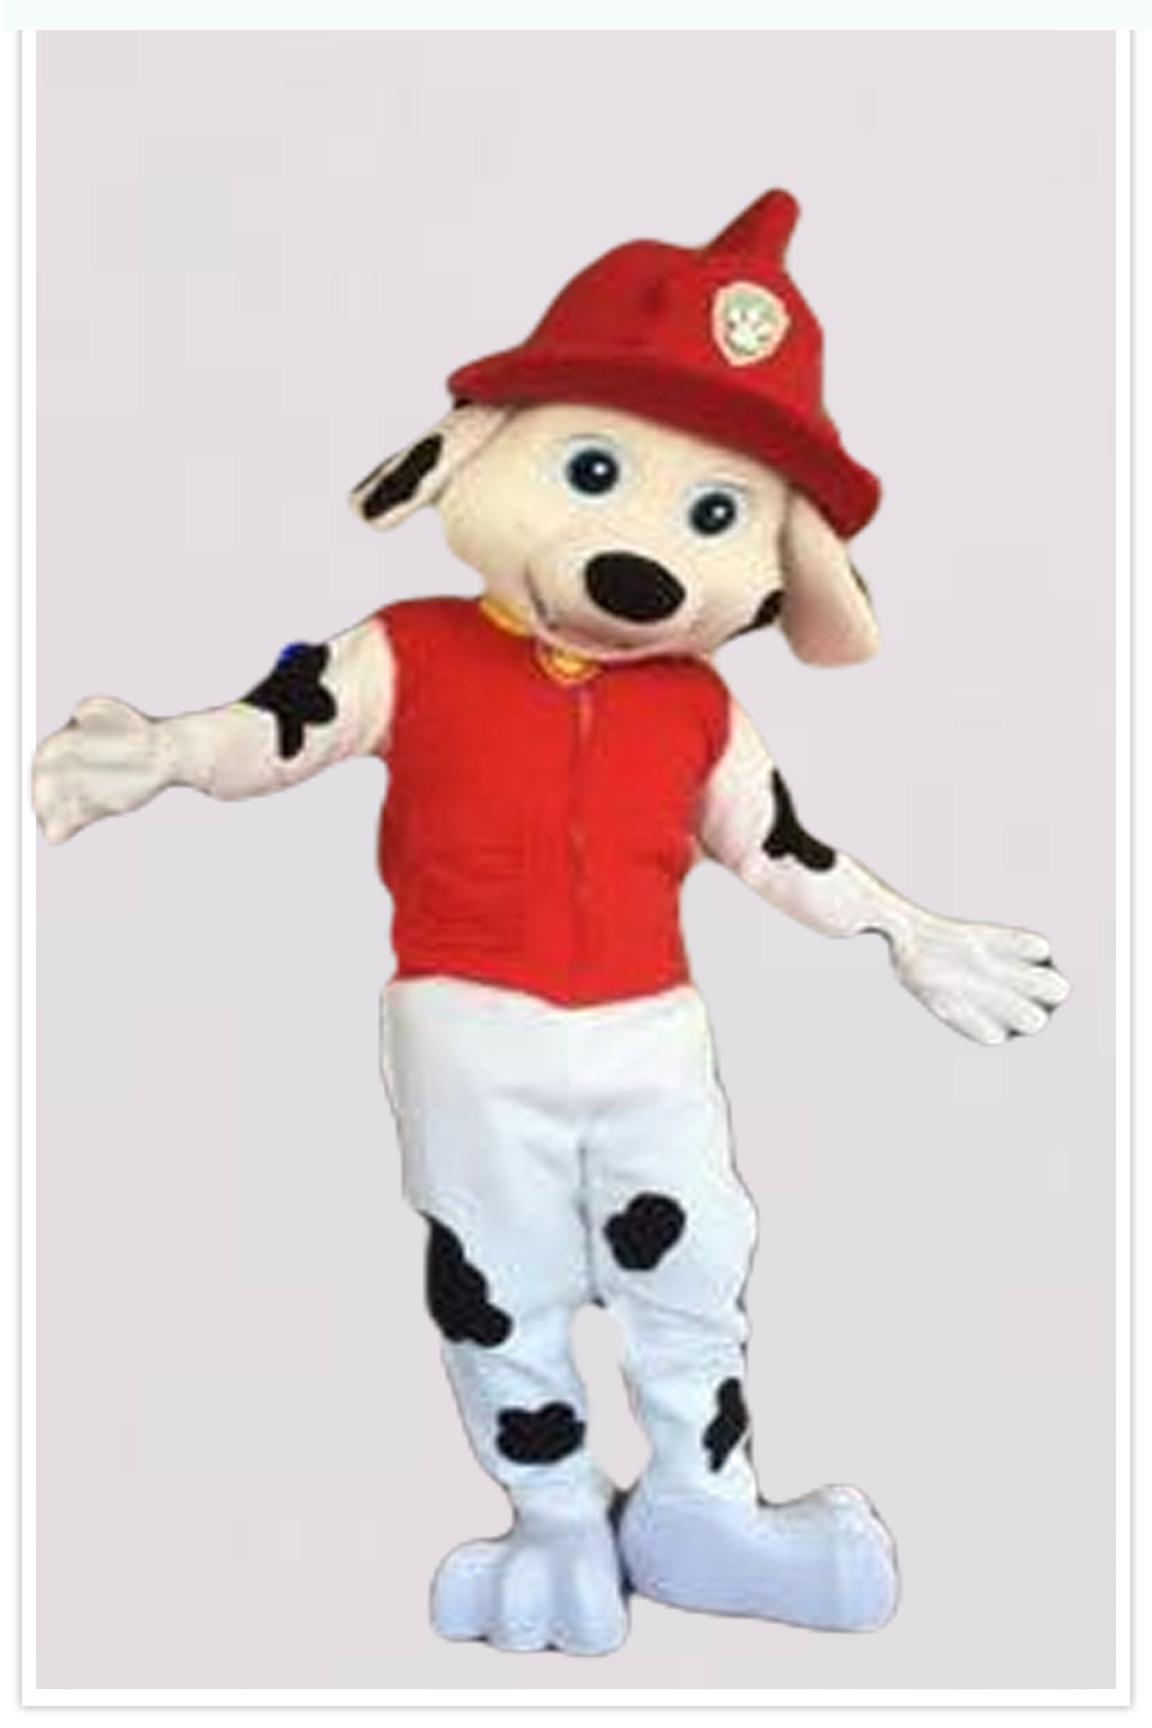 Fireman Dog